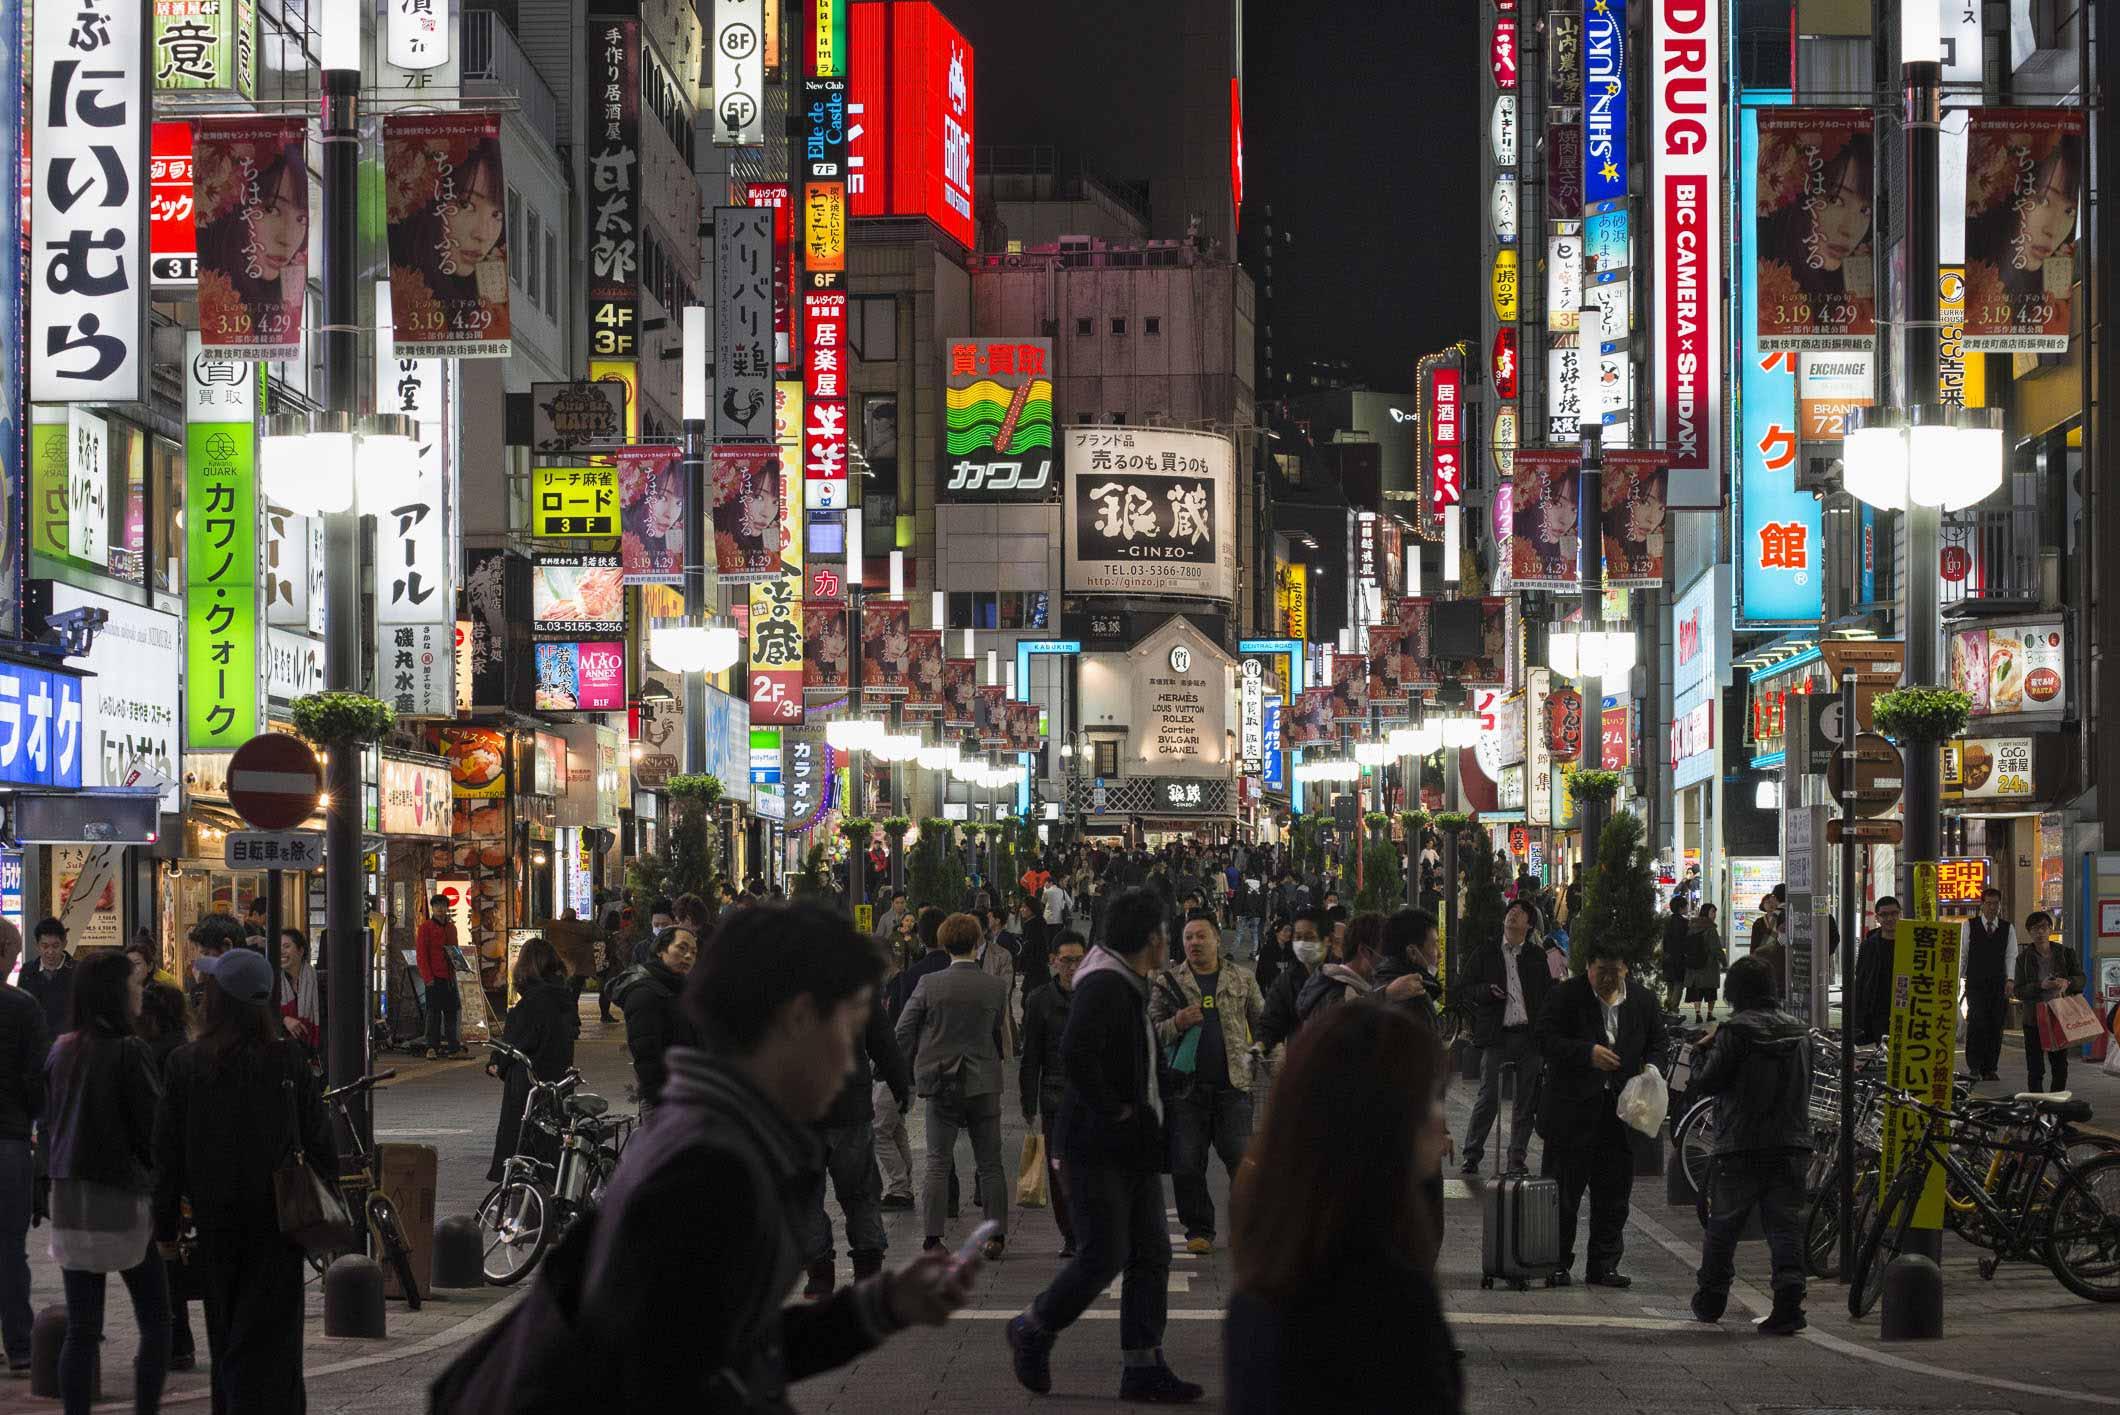 VIAGGIO IN GIAPPONE – TOKYO SHINJUKU #4